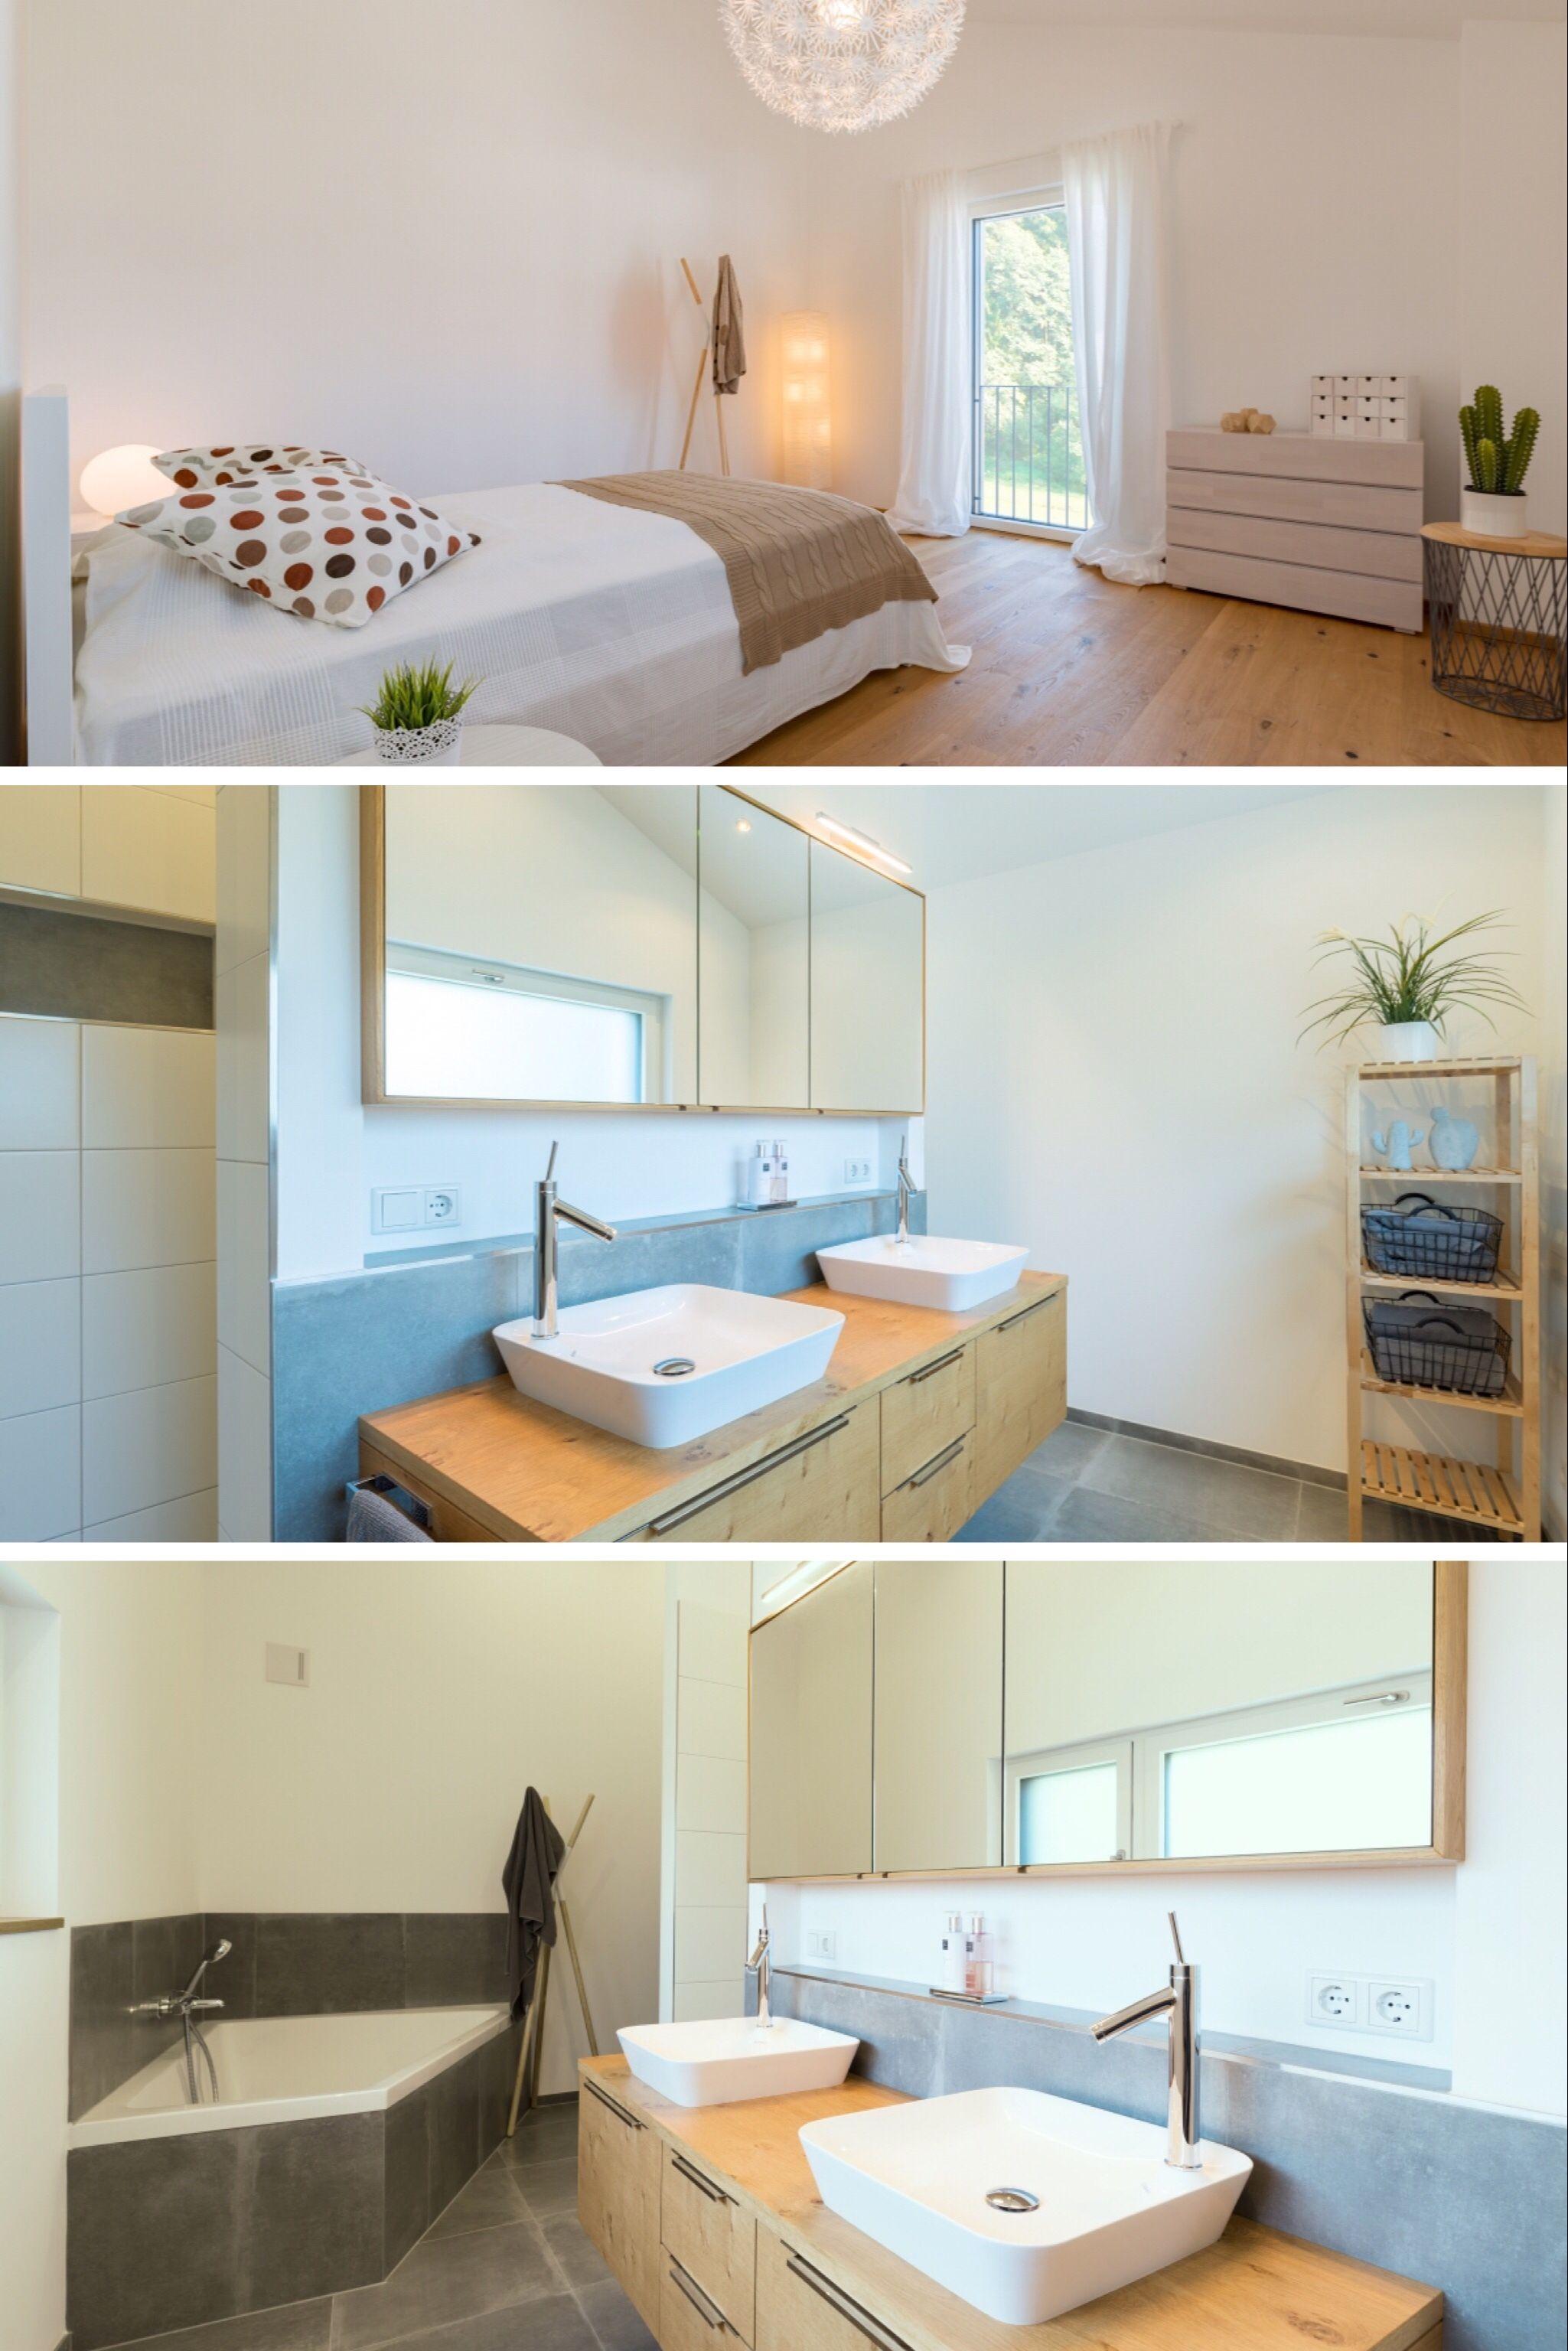 Einrichtung Ideen Schlafzimmer und Bad - Wohnen mit warmen ...